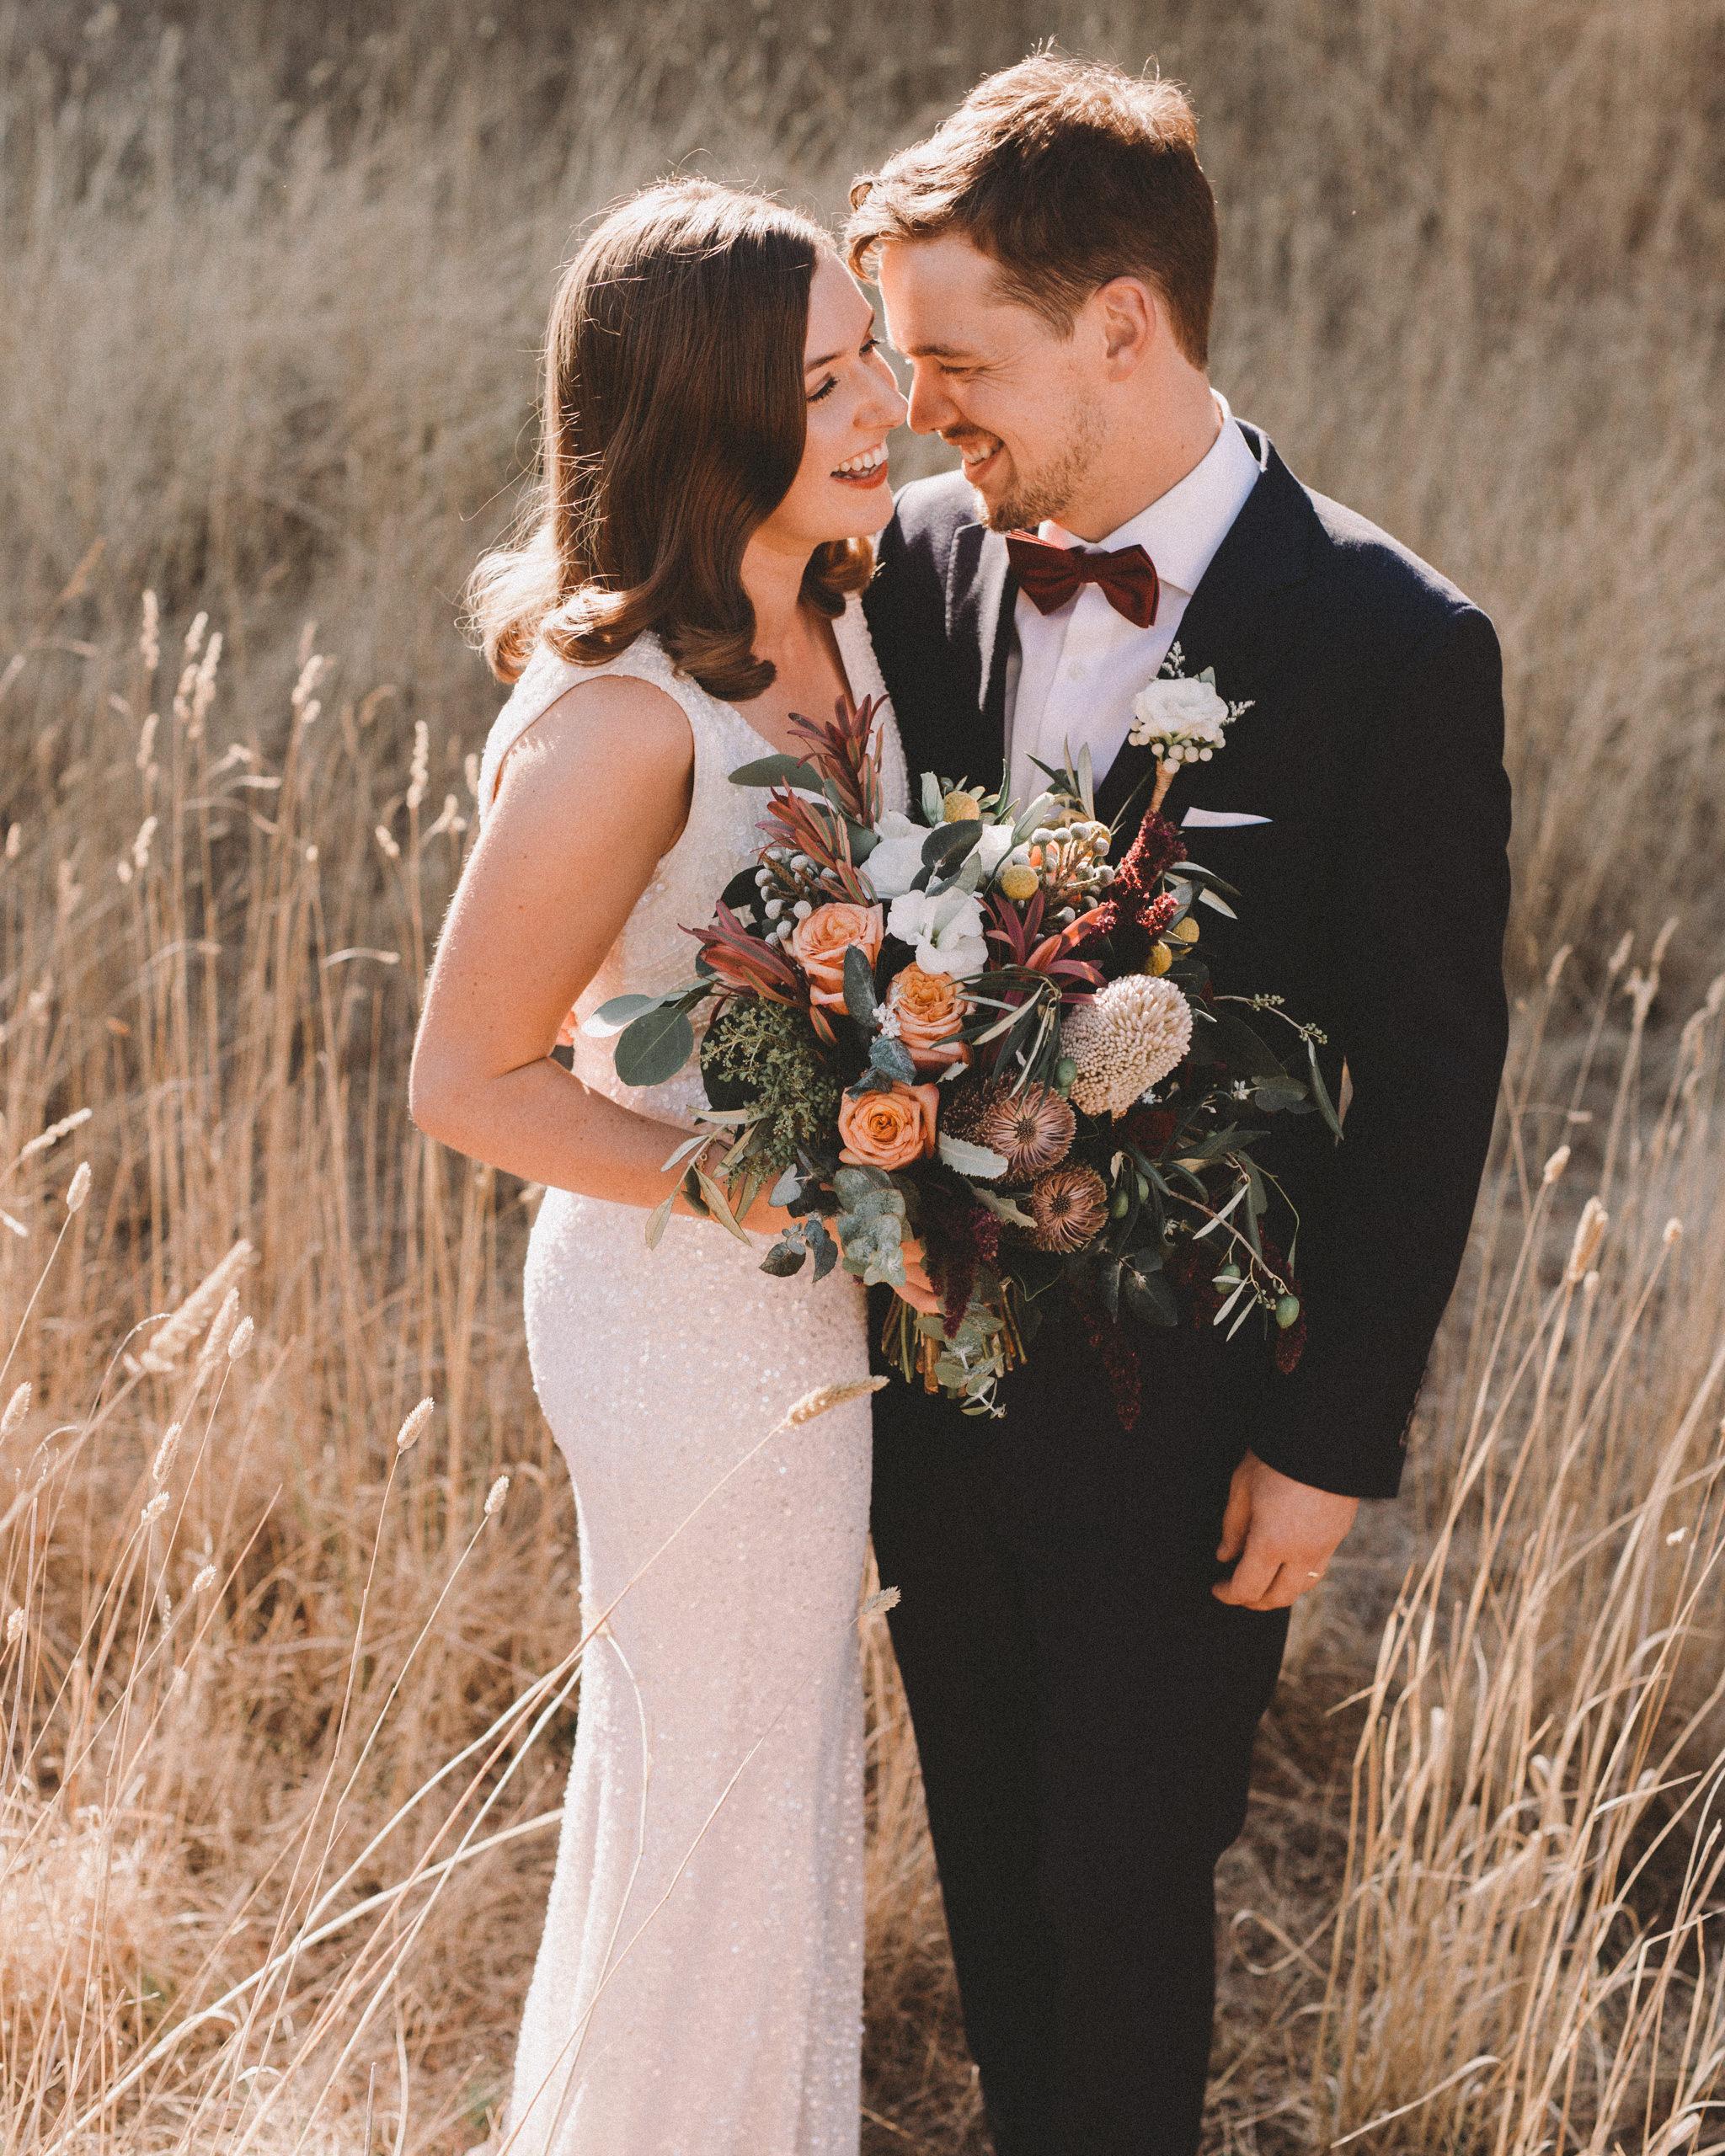 WEDDING - Lach + Larney 170236A.jpg